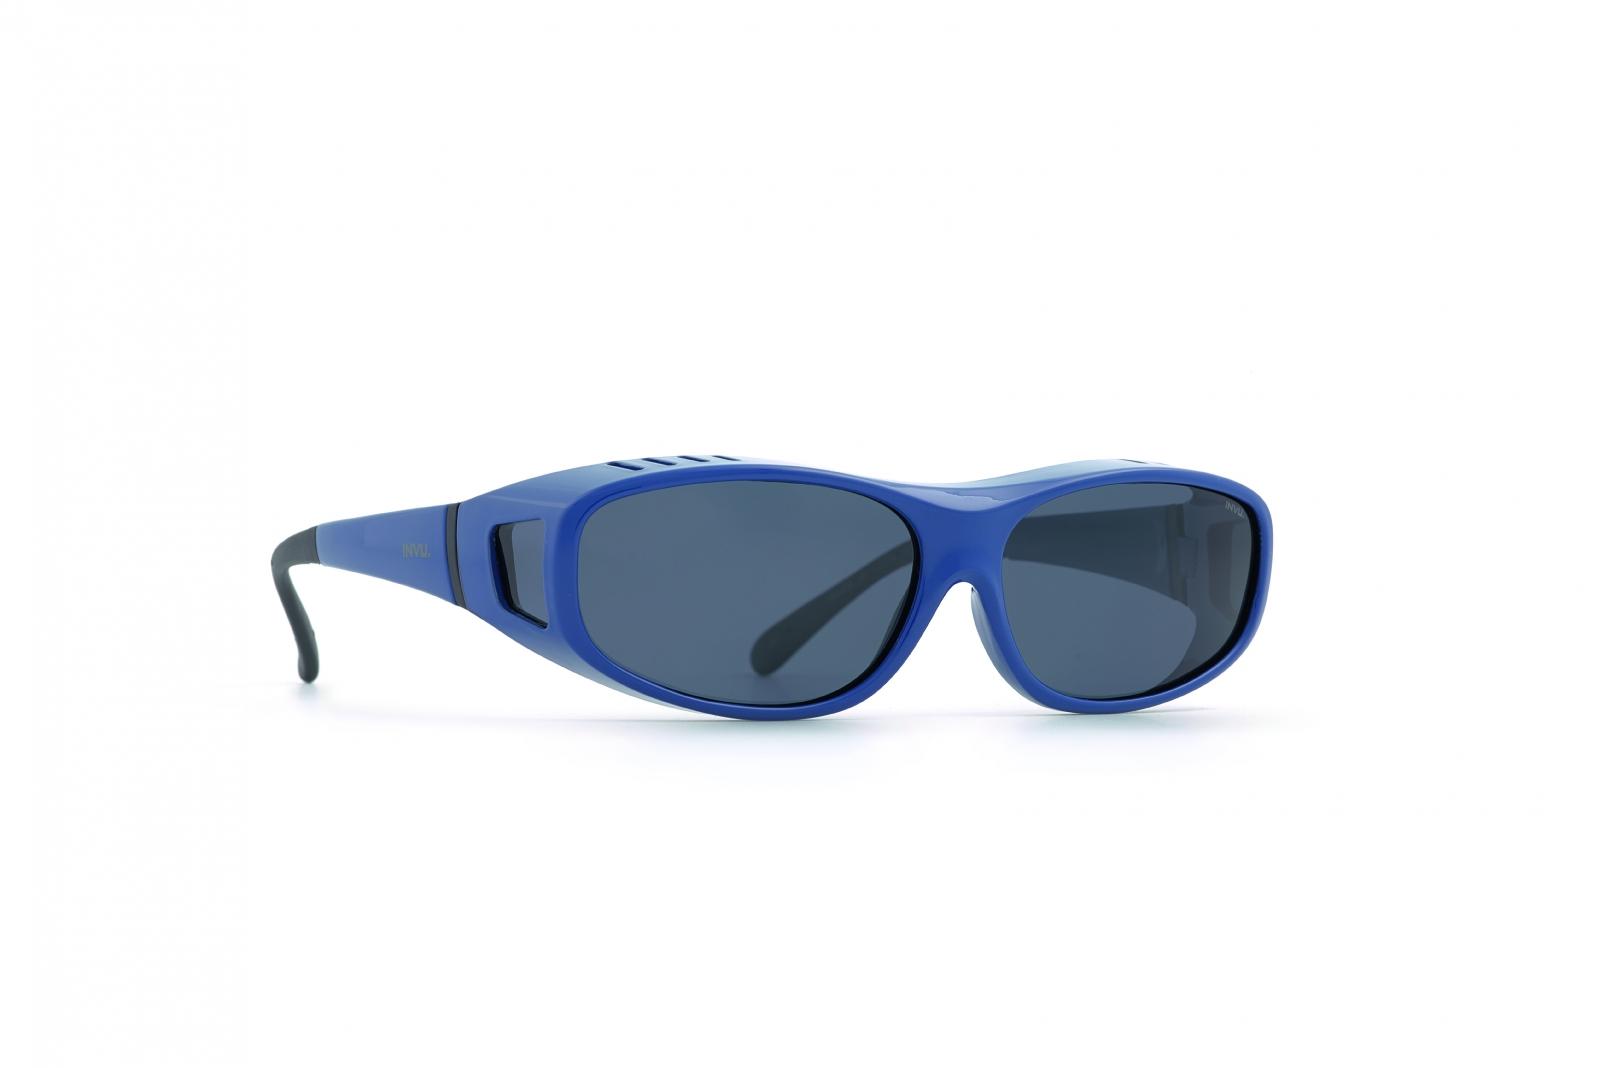 INVU. Easyfit E2800C - Slnečné okuliare na dioptrický rám pre deti 4-7 r.